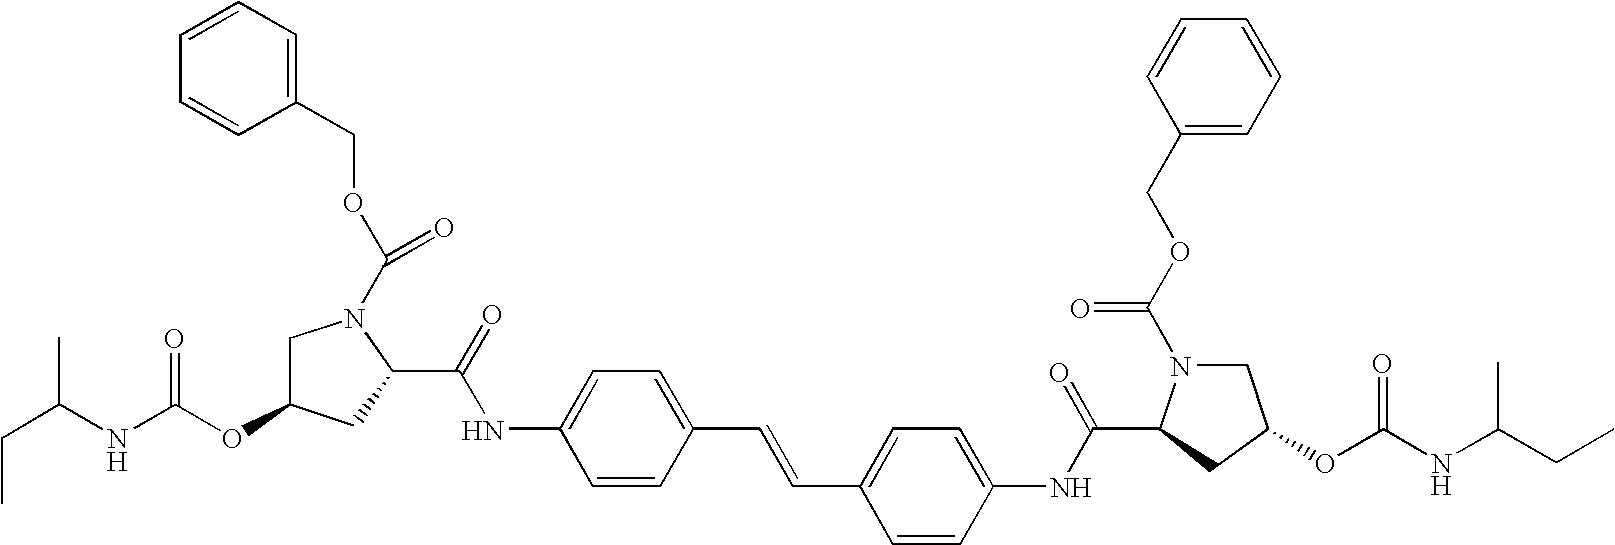 Figure US08143288-20120327-C00263